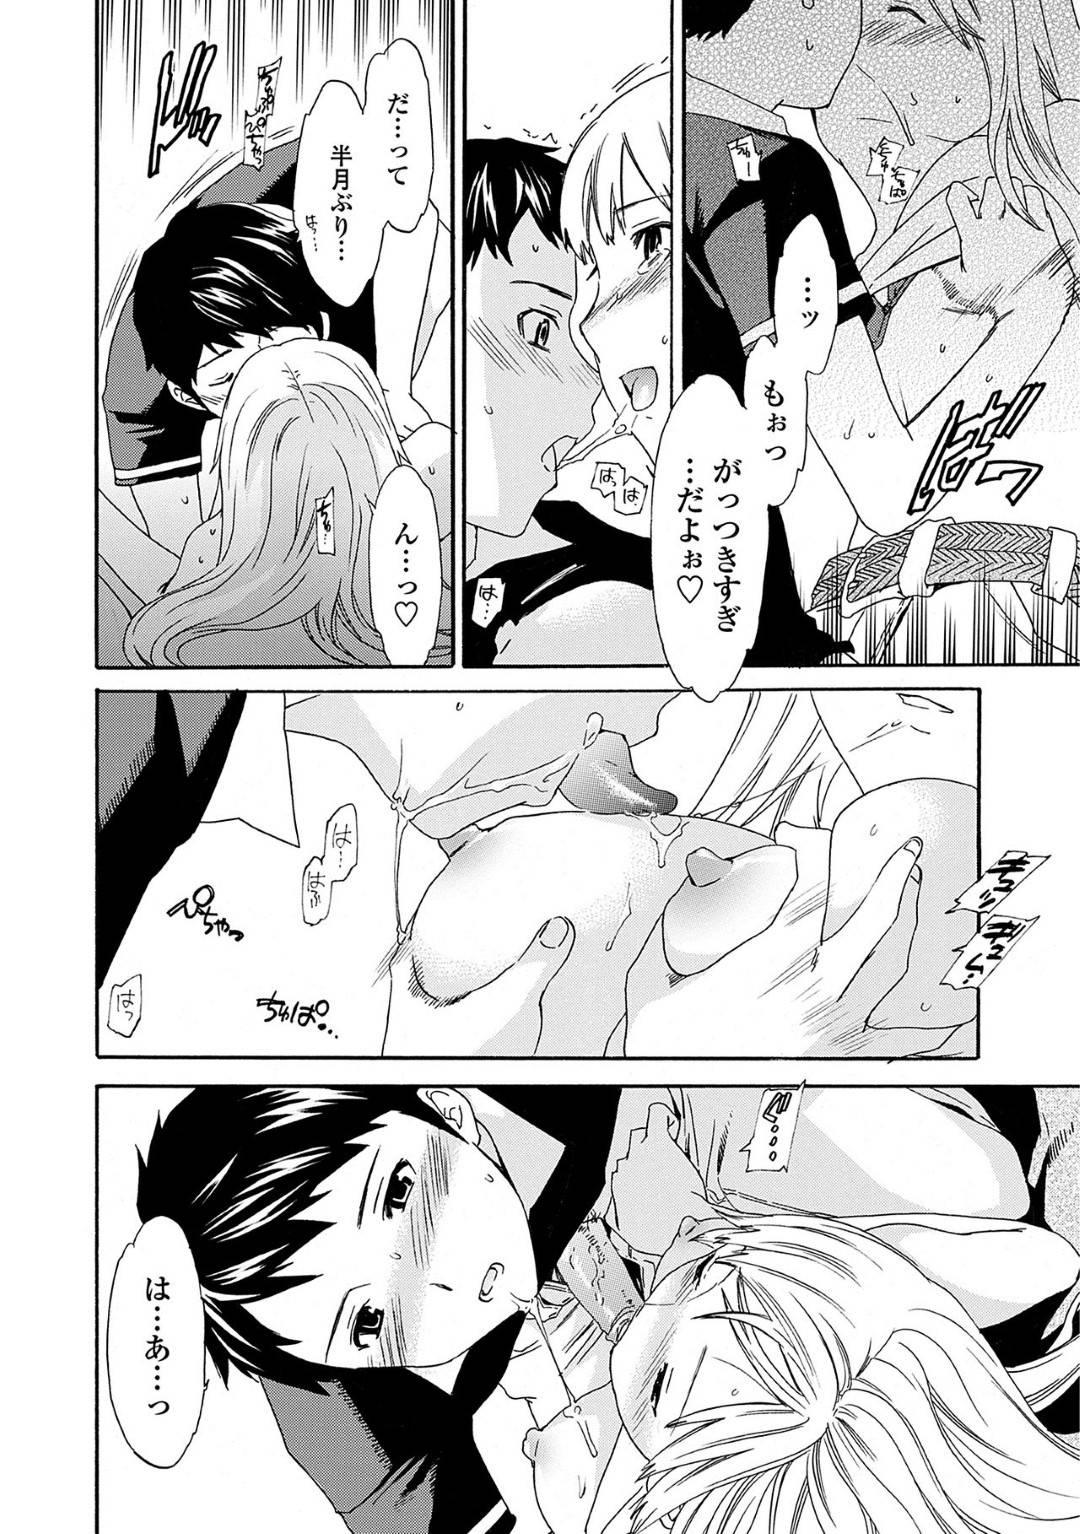 【エロ漫画】友達の弟を誘惑する巨乳JD…2人きりの部屋でお互い激しく求めあい友人が帰ってくるギリギリまでセックスしまくり!【Cuvie】